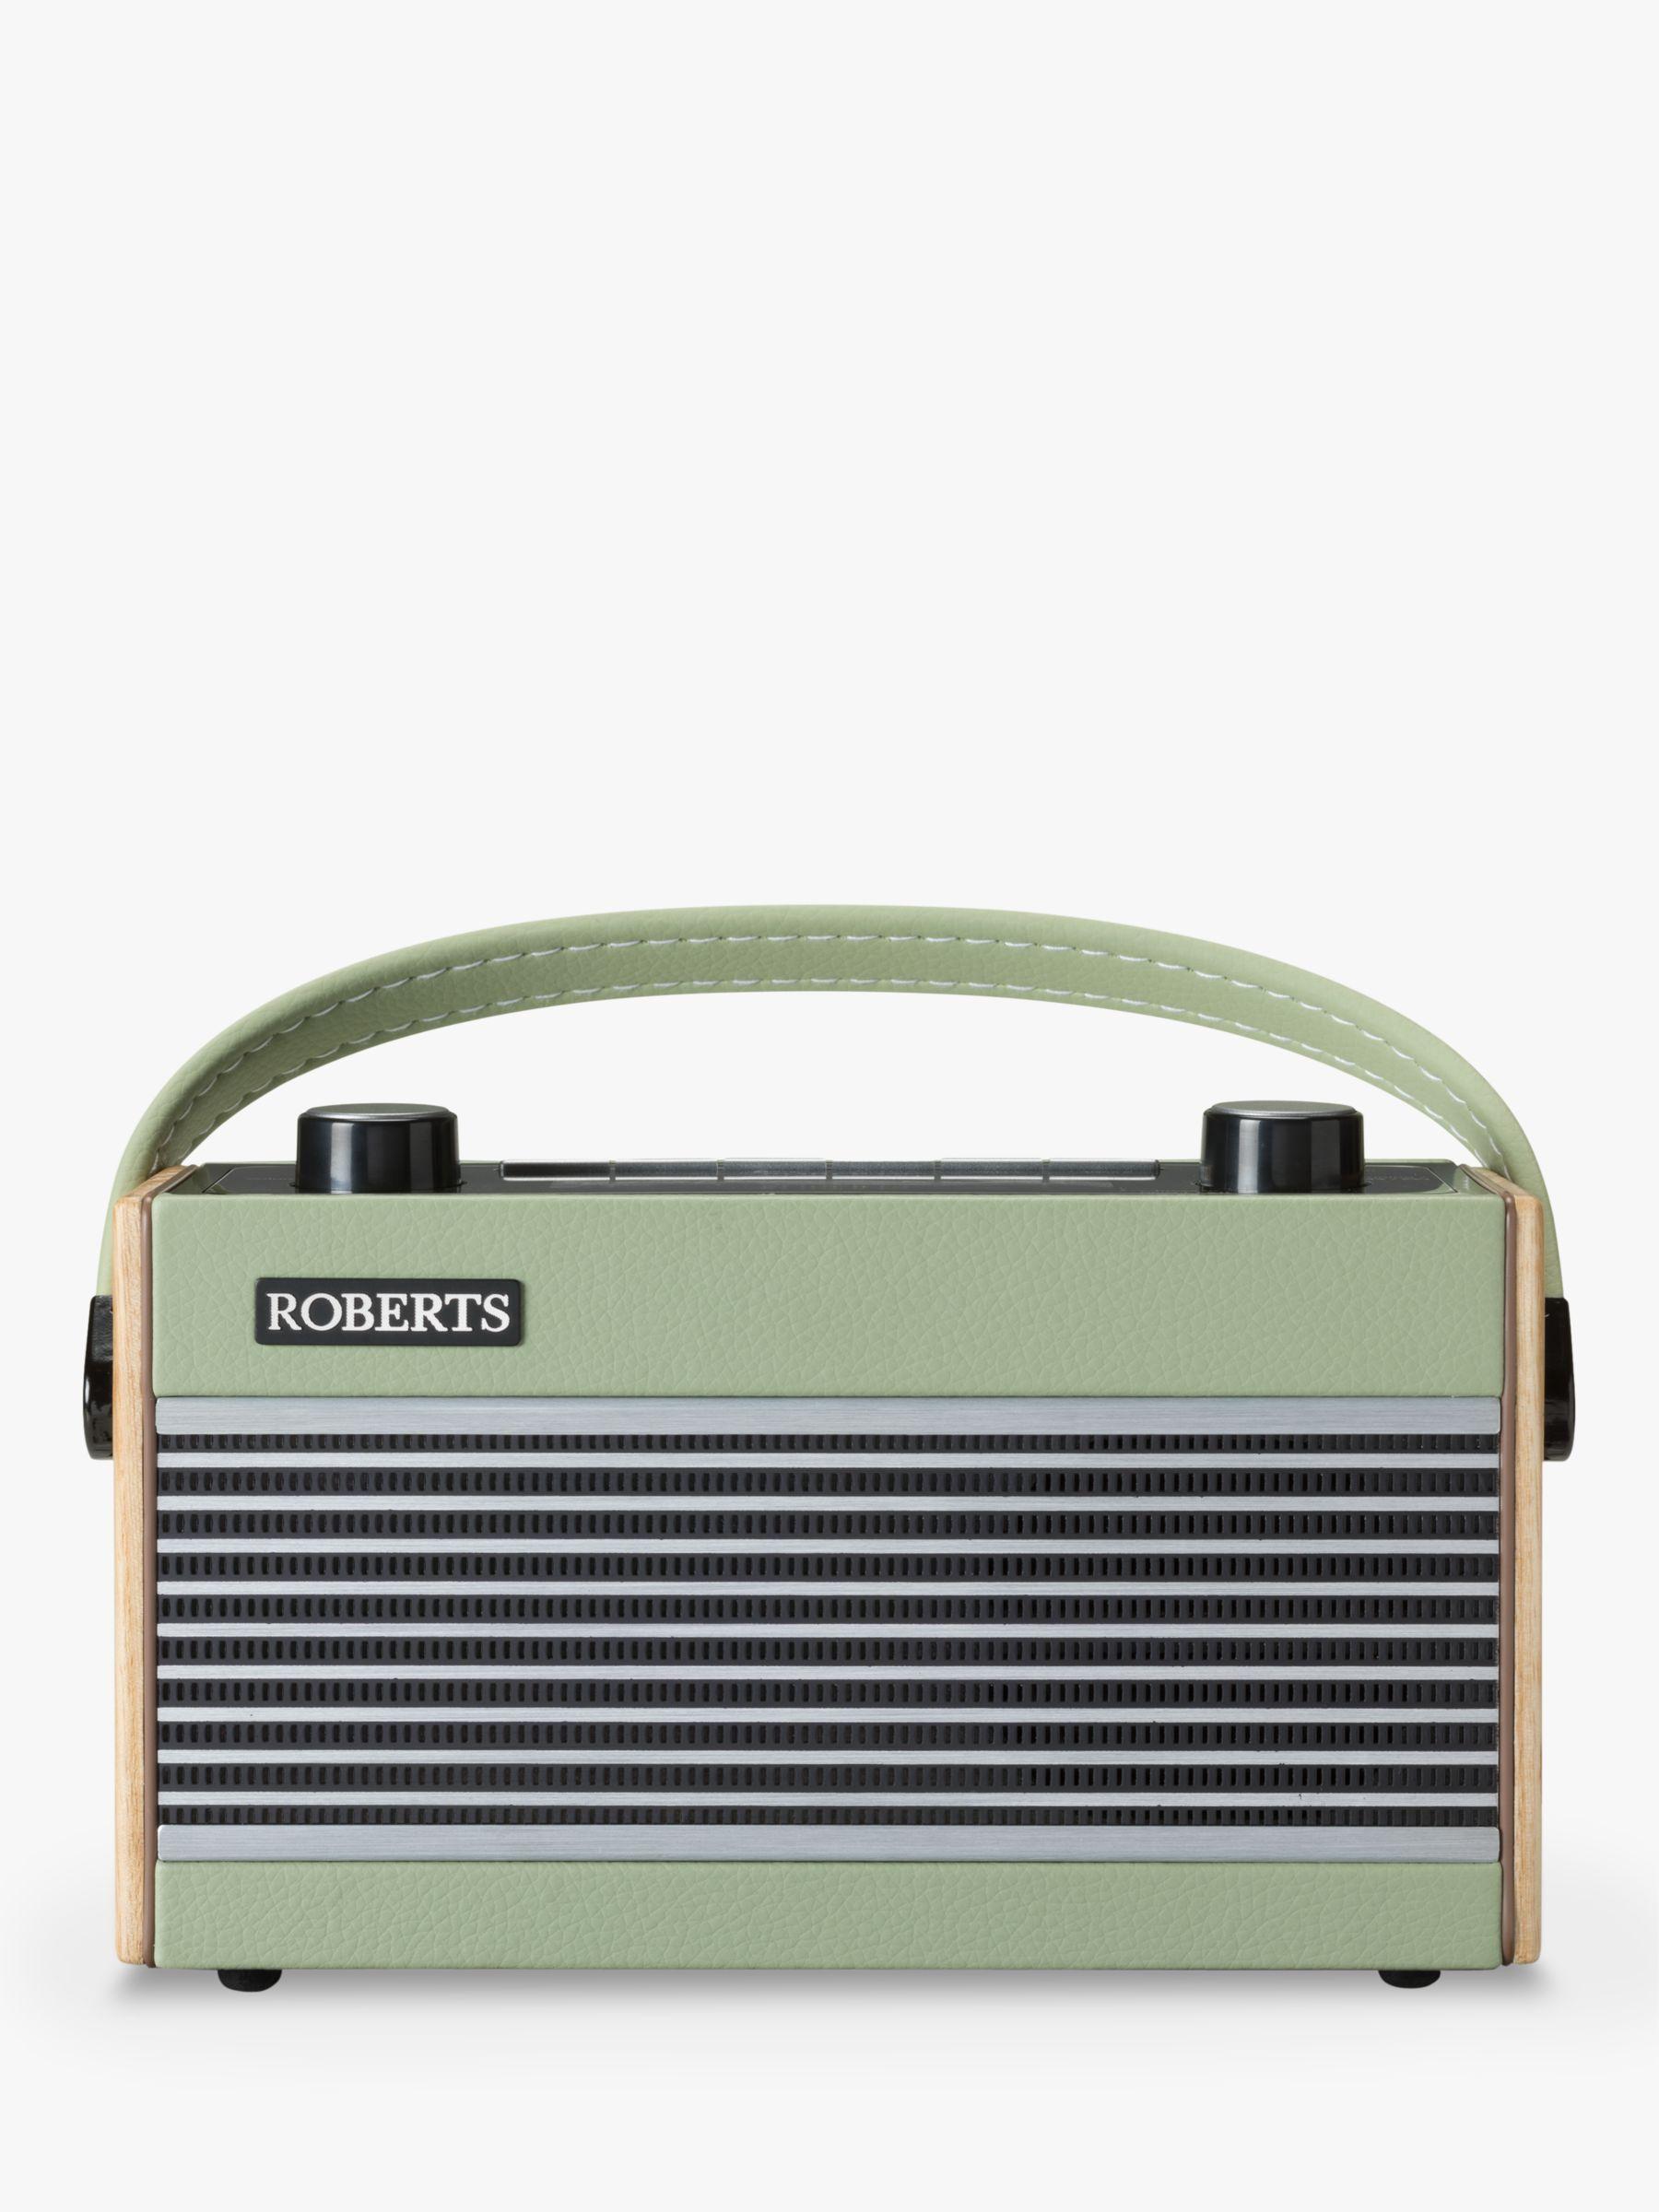 Roberts ROBERTS Rambler BT DAB/DAB+/FM Bluetooth Digital Radio